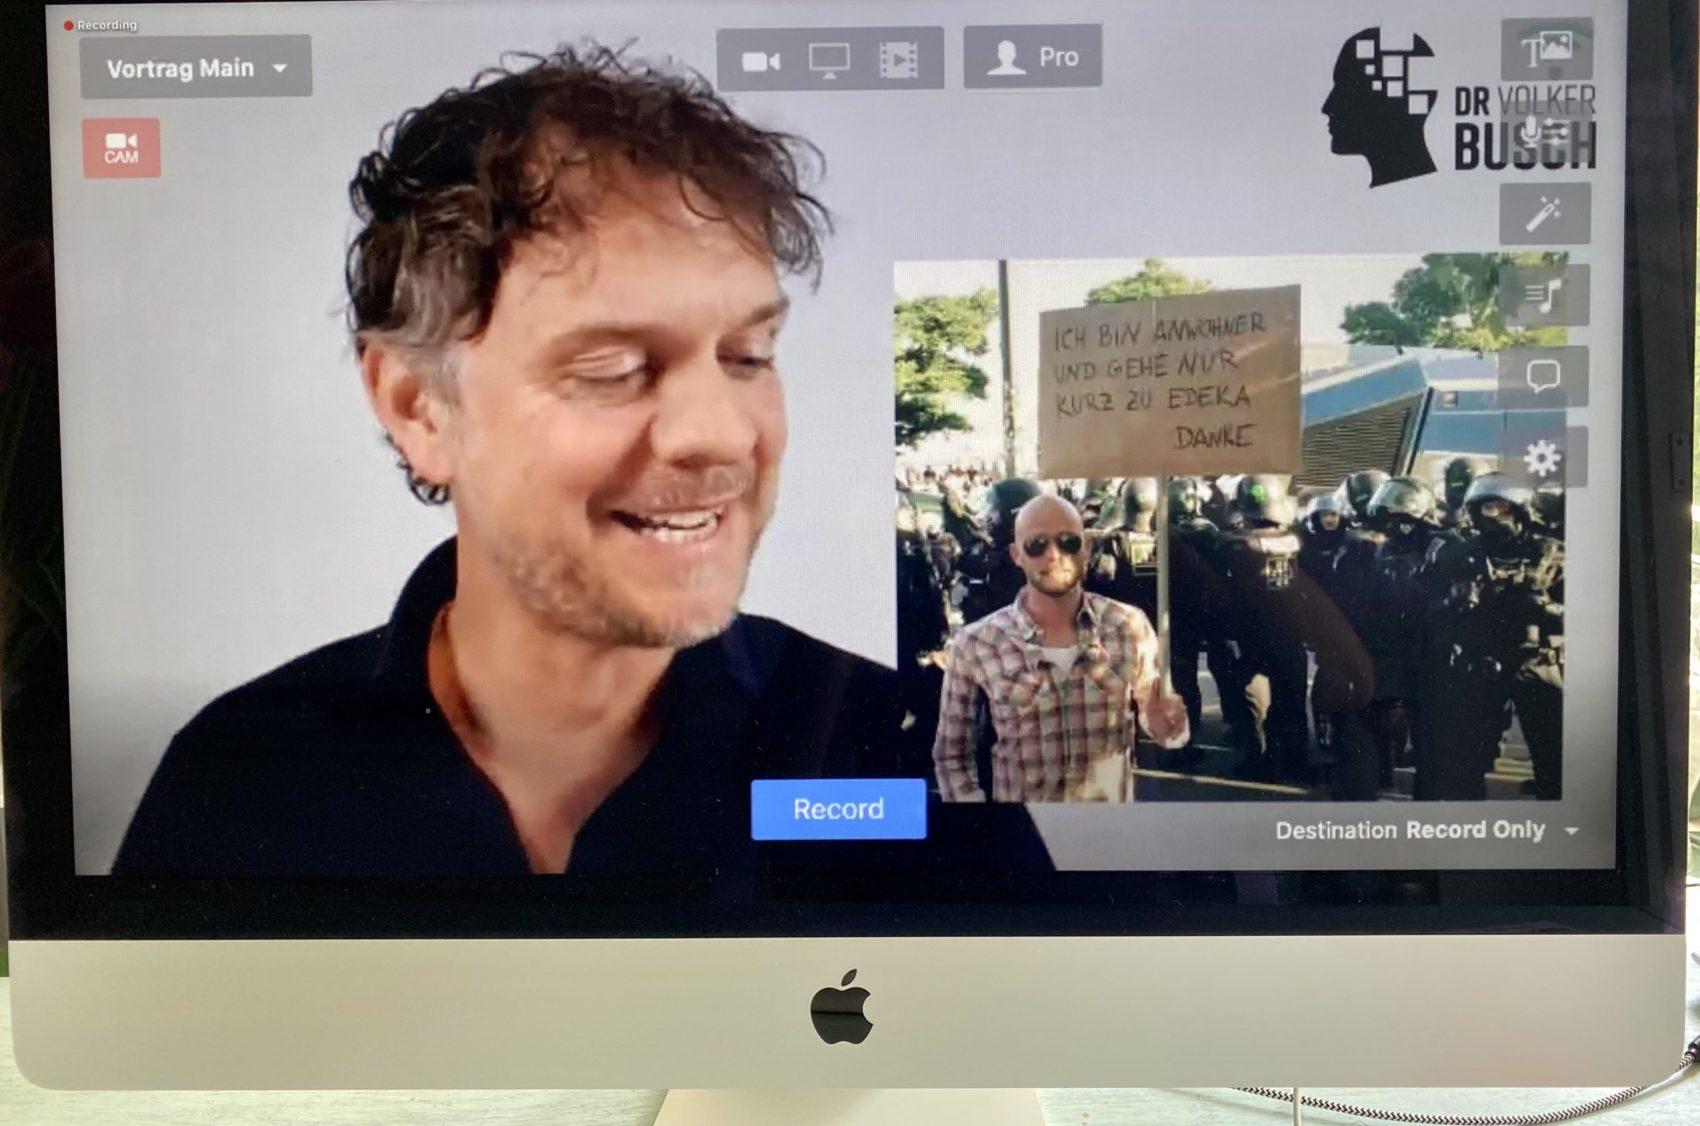 Zu Gast beim 1. Online-Wissensforum 2 - Dr. Volker Busch